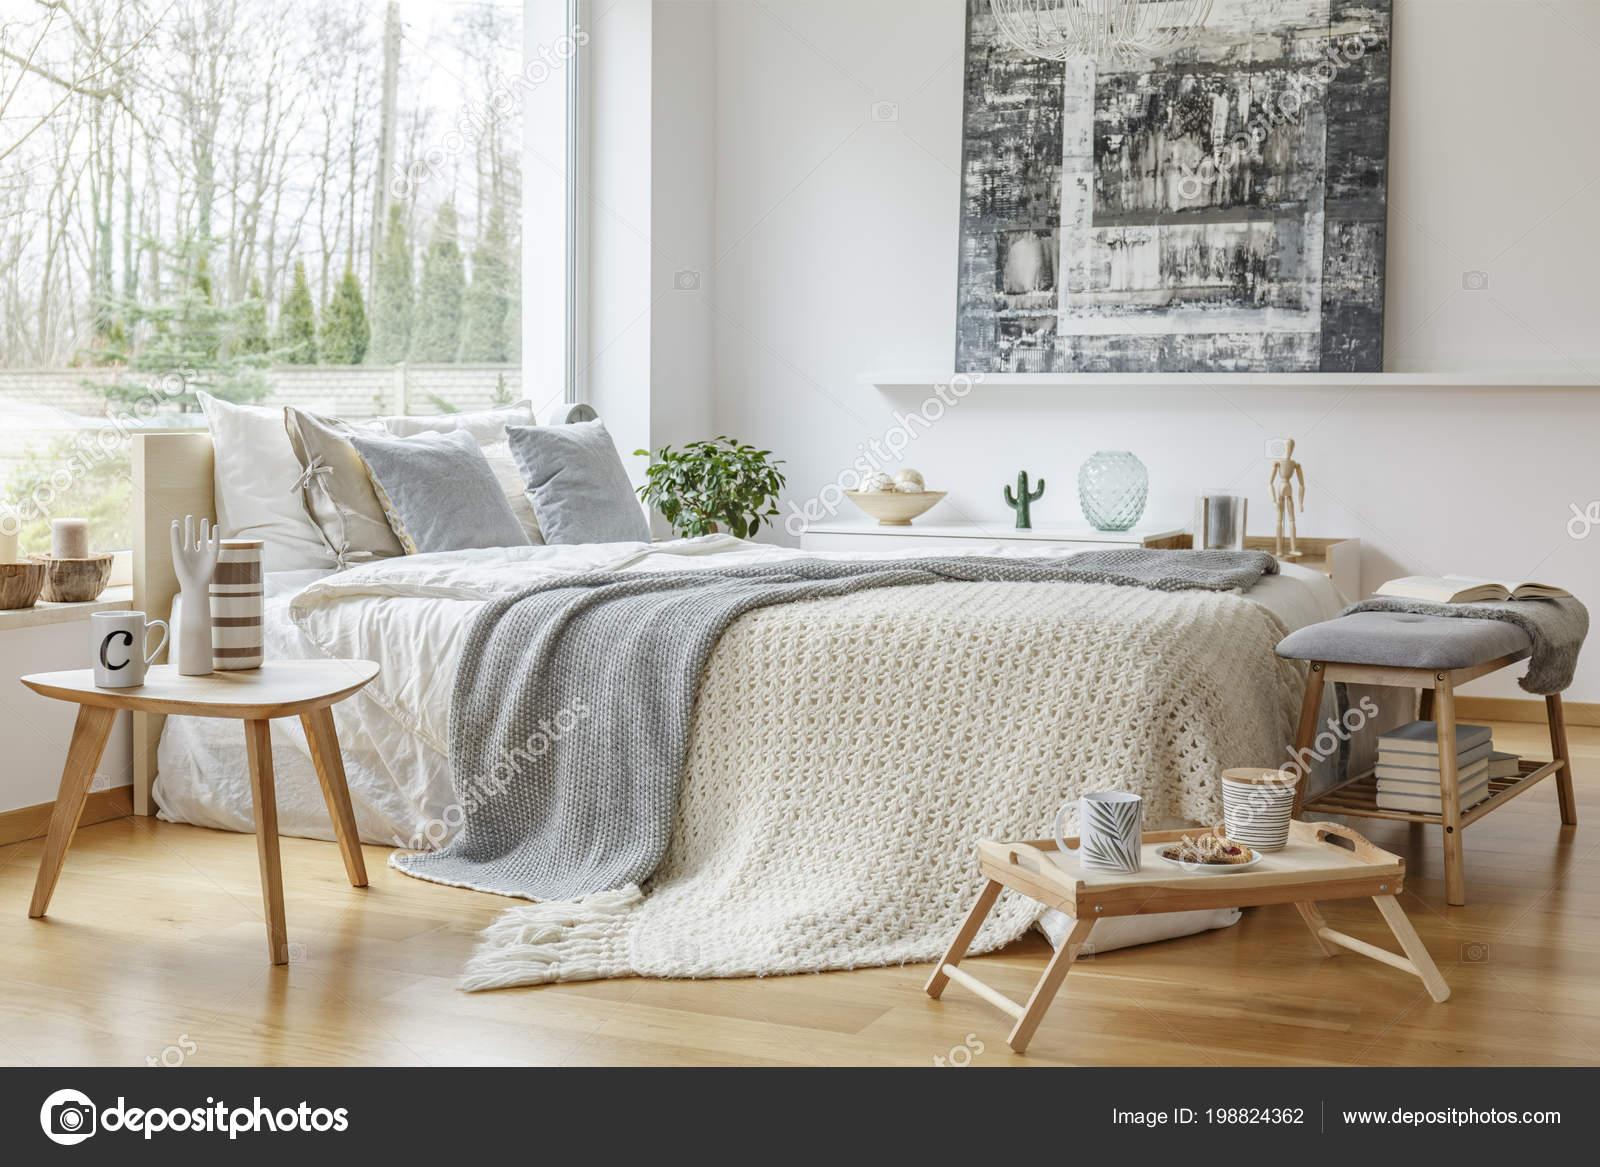 peinture sur le mur intrieur de chambre coucher scandi avec mobilier en bois et couverture tricot sur lit image de photographeeeu